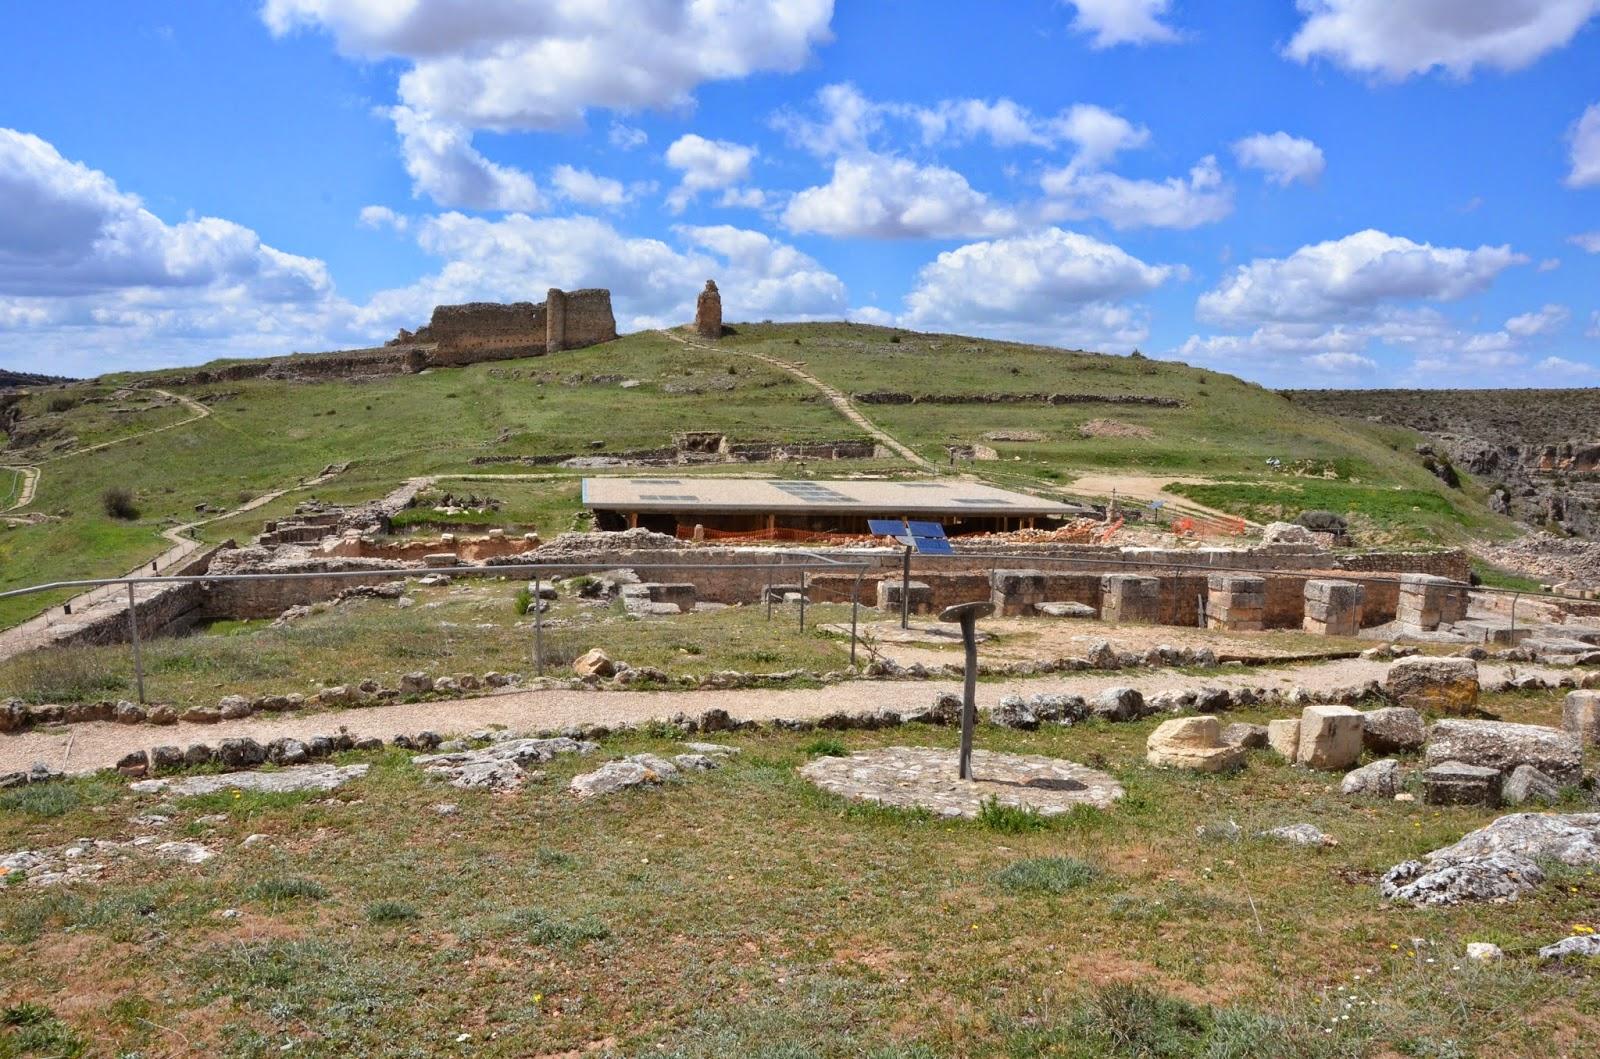 Cuenca cultura y naturaleza: RUINAS DE LA CIUDAD ROMANA VALERIA